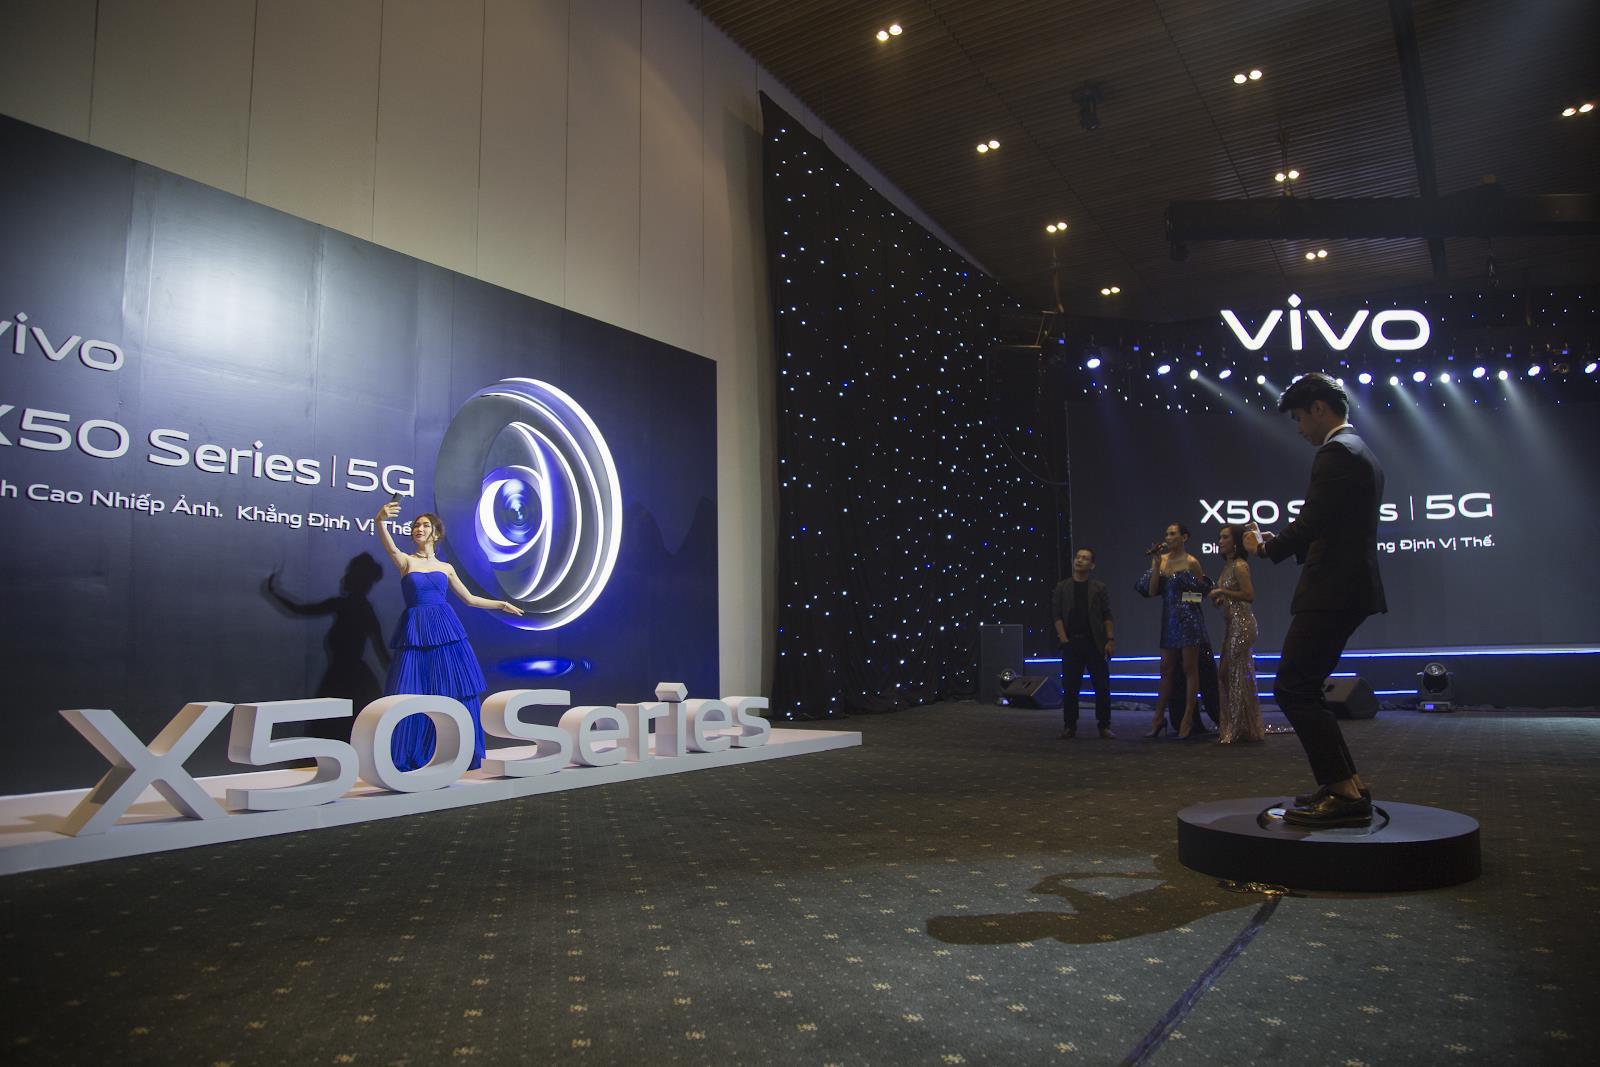 vivo X50 và vivo X50 Pro chính thức ra mắt tại Việt Nam: Camera Gimbal, chụp đêm siêu việt giá 12,99 và 19,99 triệu đồng cho hai phiên bản - Ảnh 2.